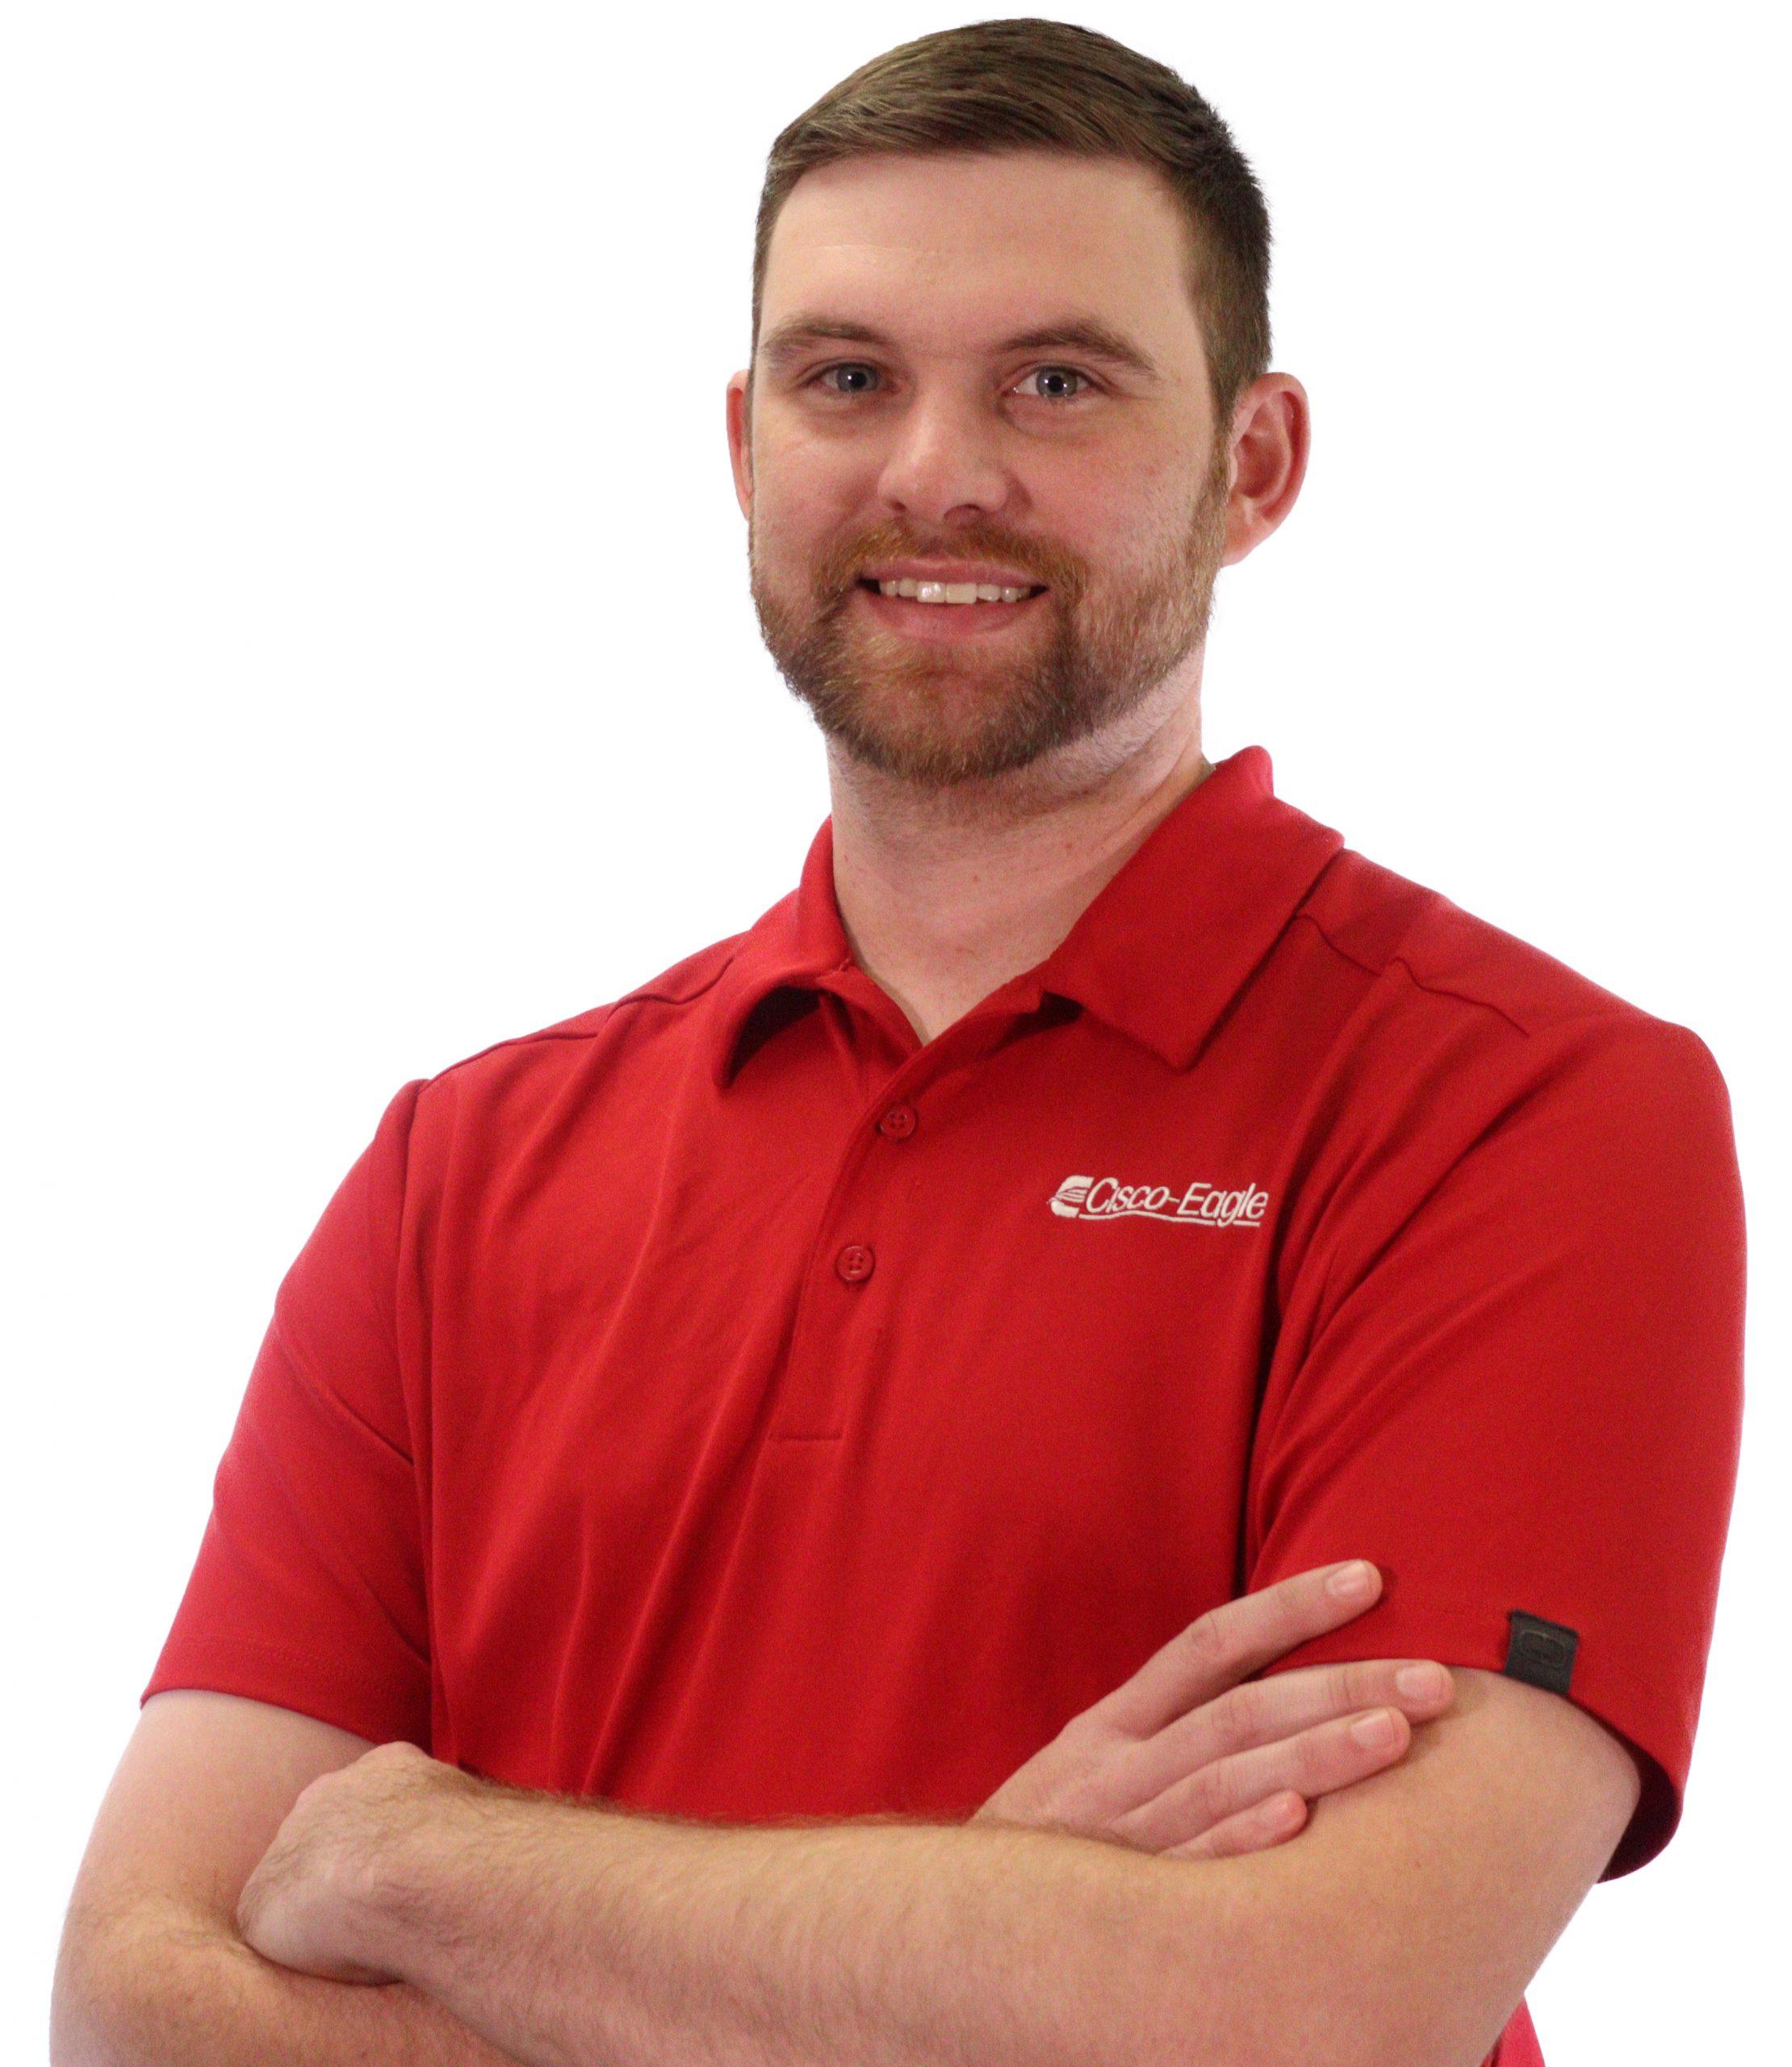 Cameron Wilson of Cisco-Eagle